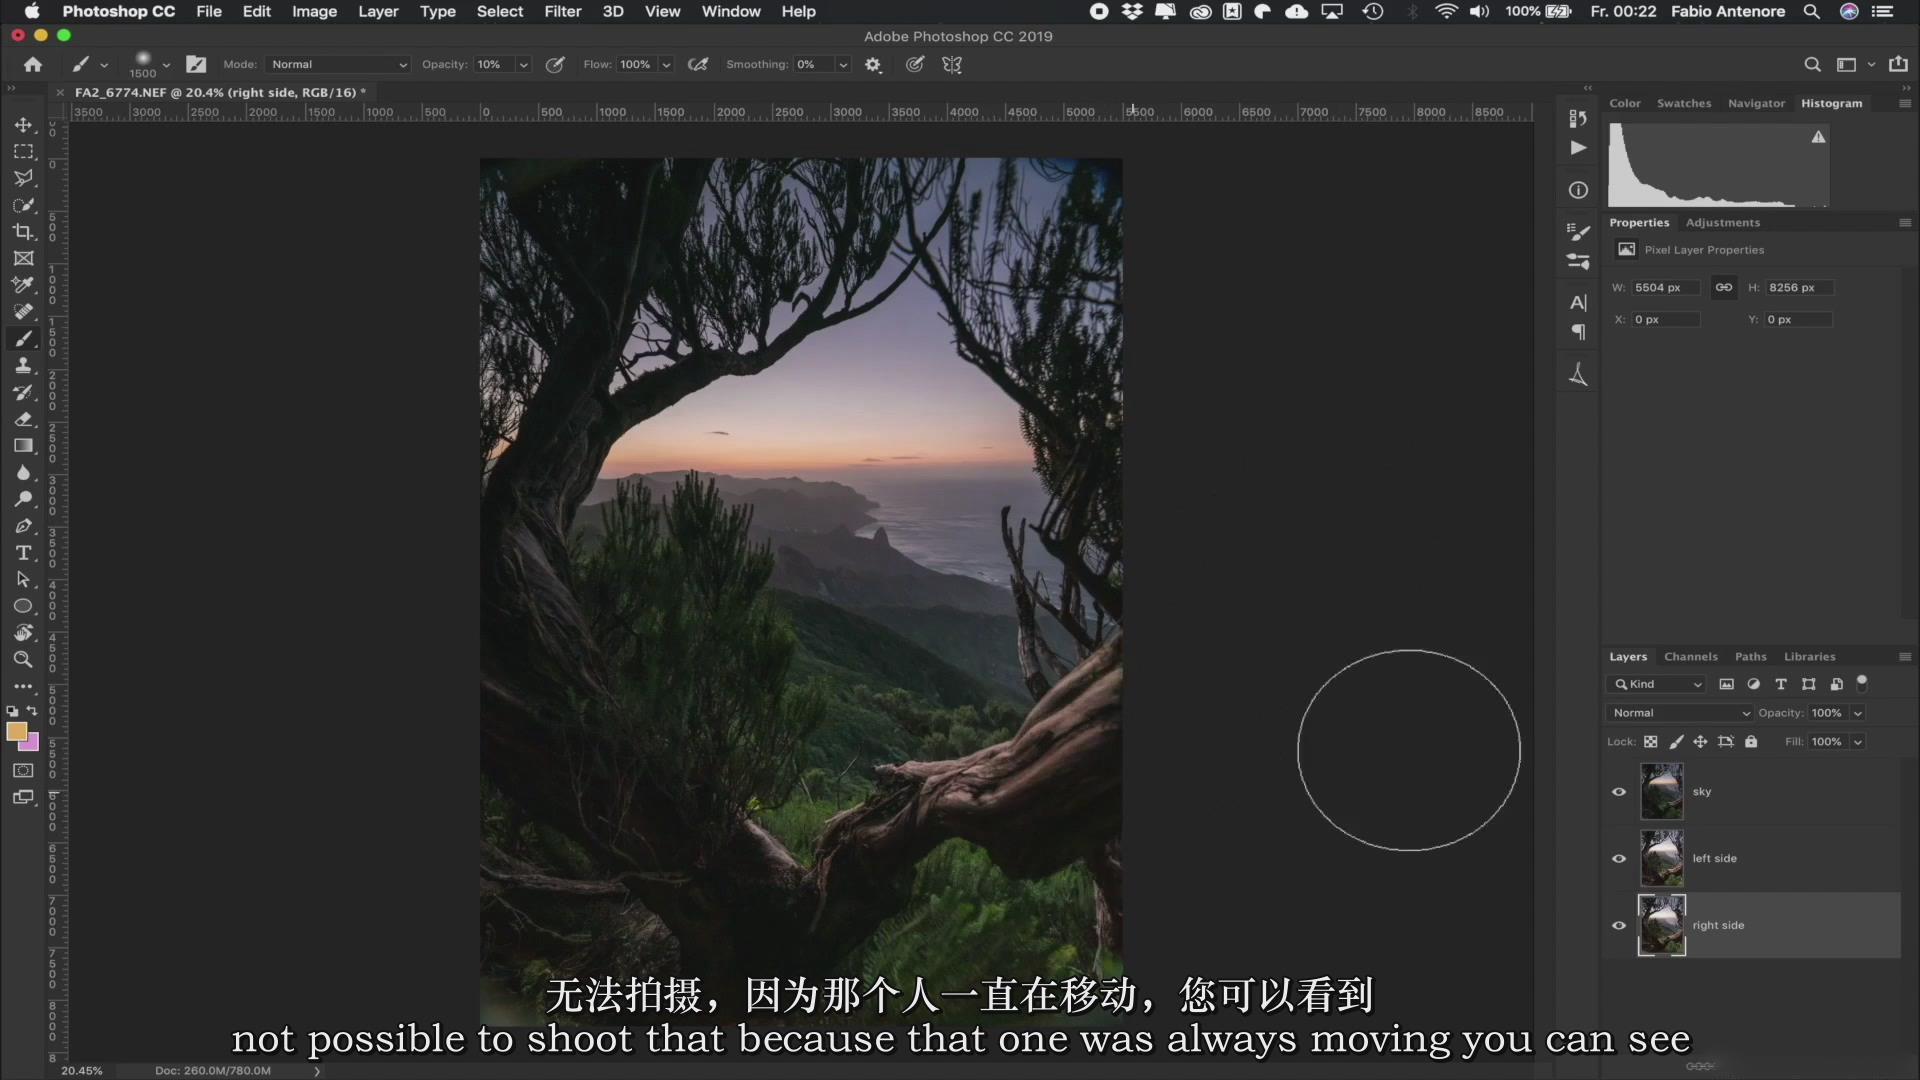 摄影教程_Fabio Antenore-超级真实银河系夜景风光摄影及后期附扩展素材-中英字幕 摄影教程 _预览图12